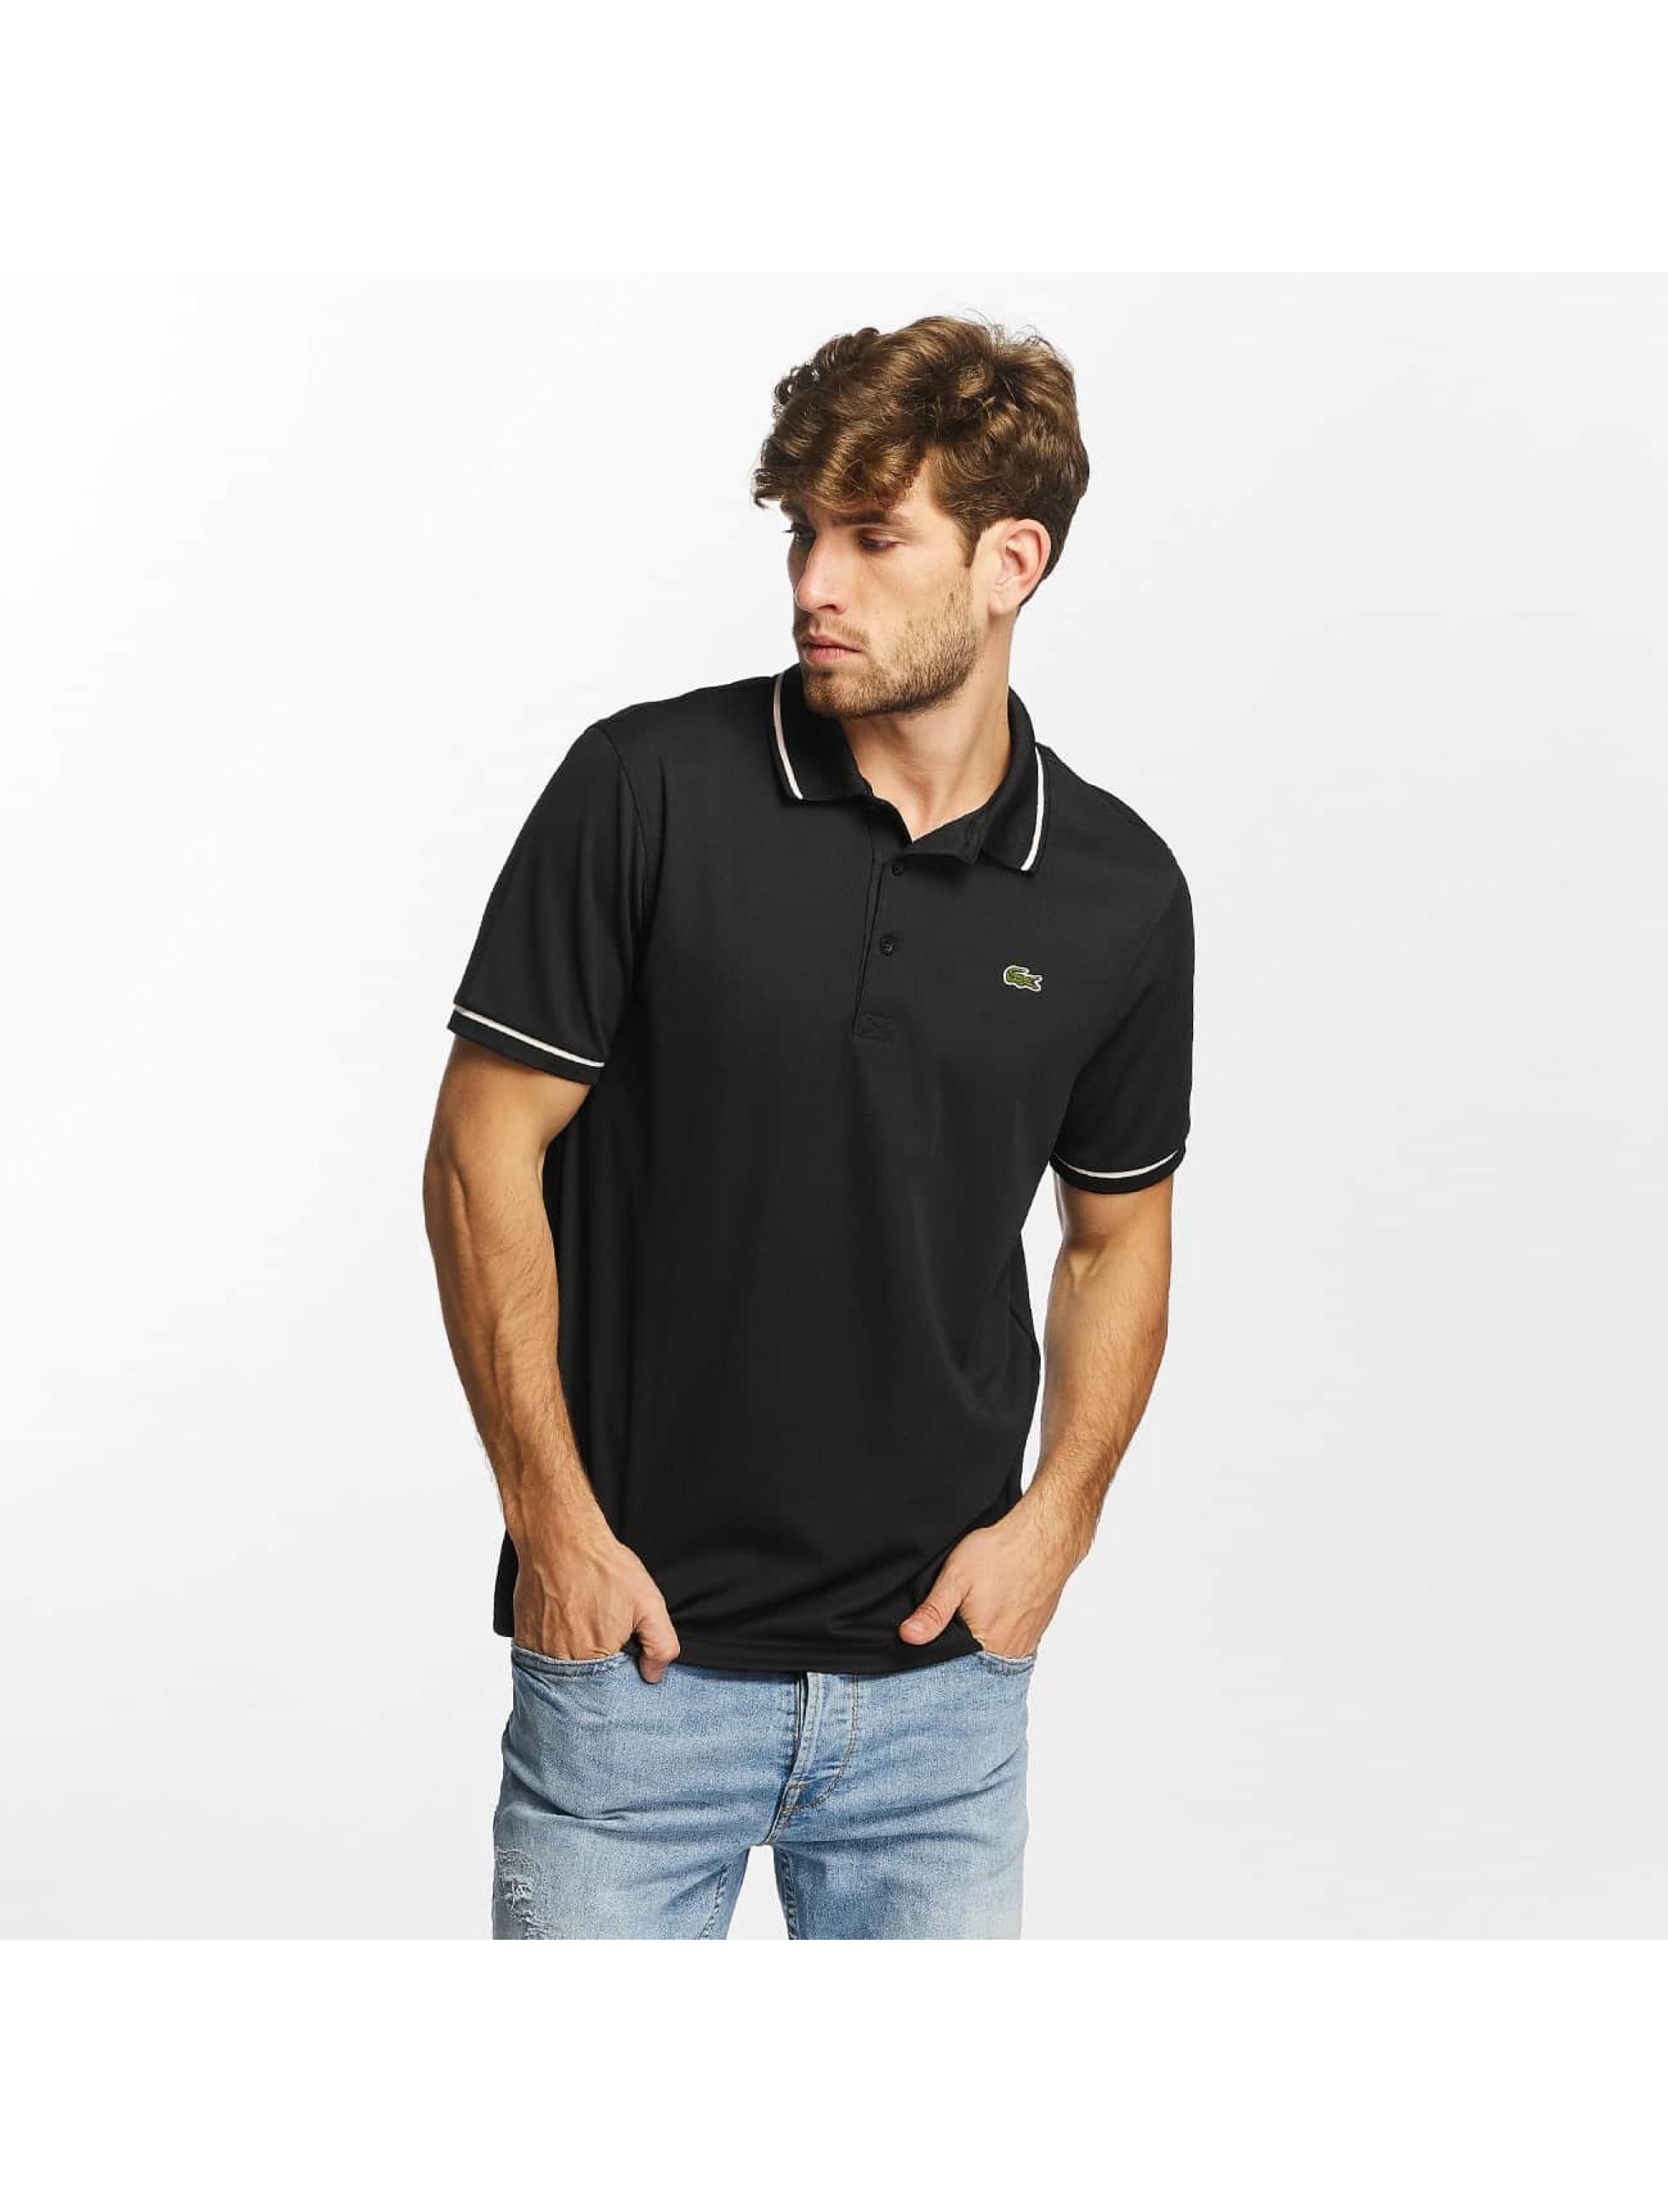 Lacoste Classic Poloskjorter Short Sleeved Ribbed Collar svart